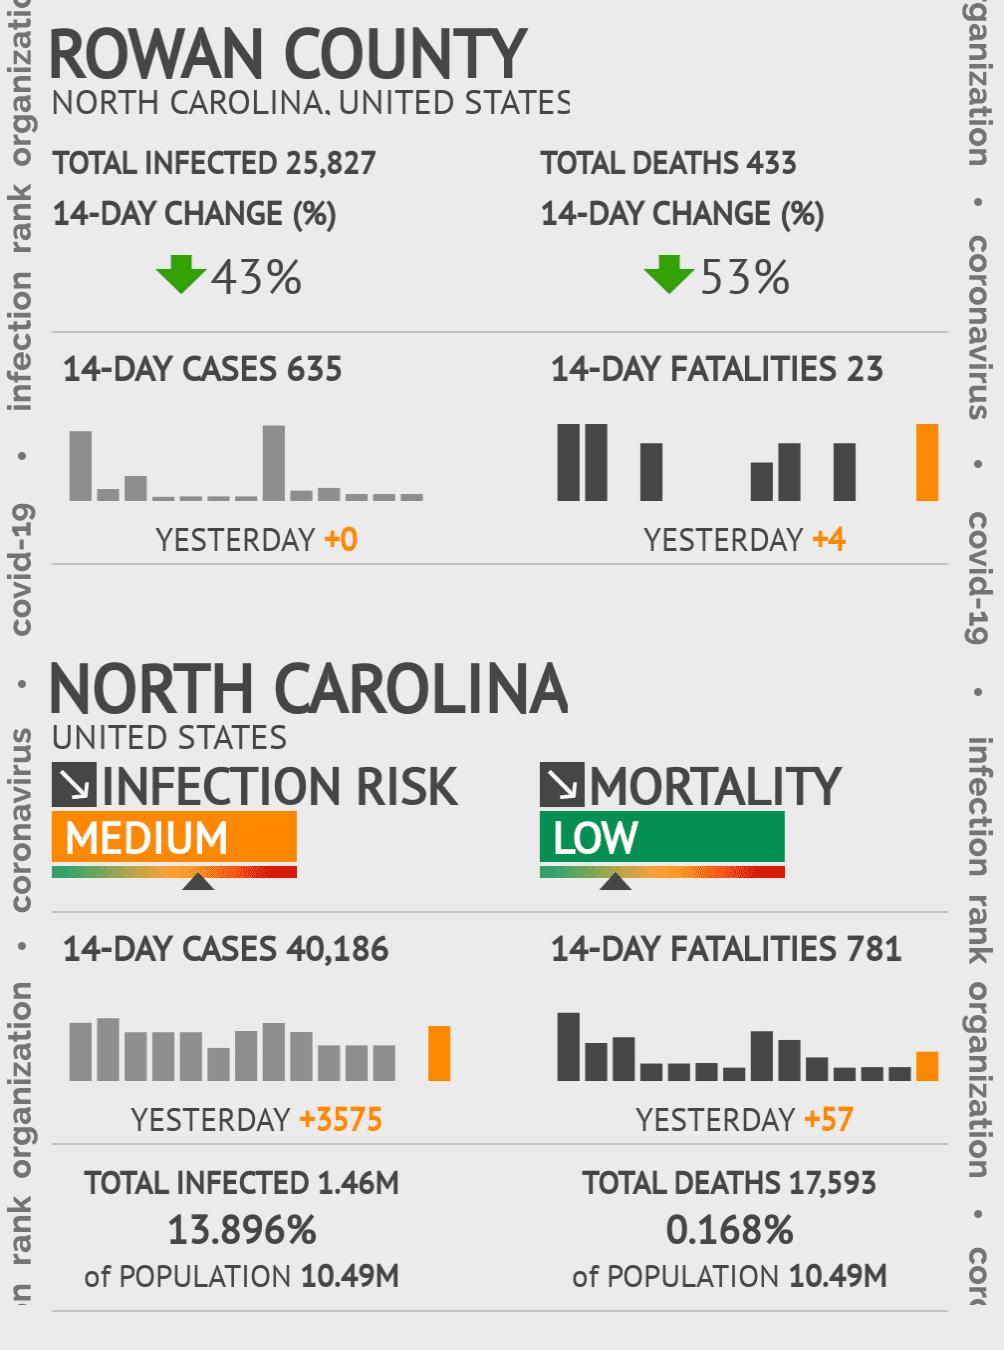 Rowan County Coronavirus Covid-19 Risk of Infection on November 29, 2020